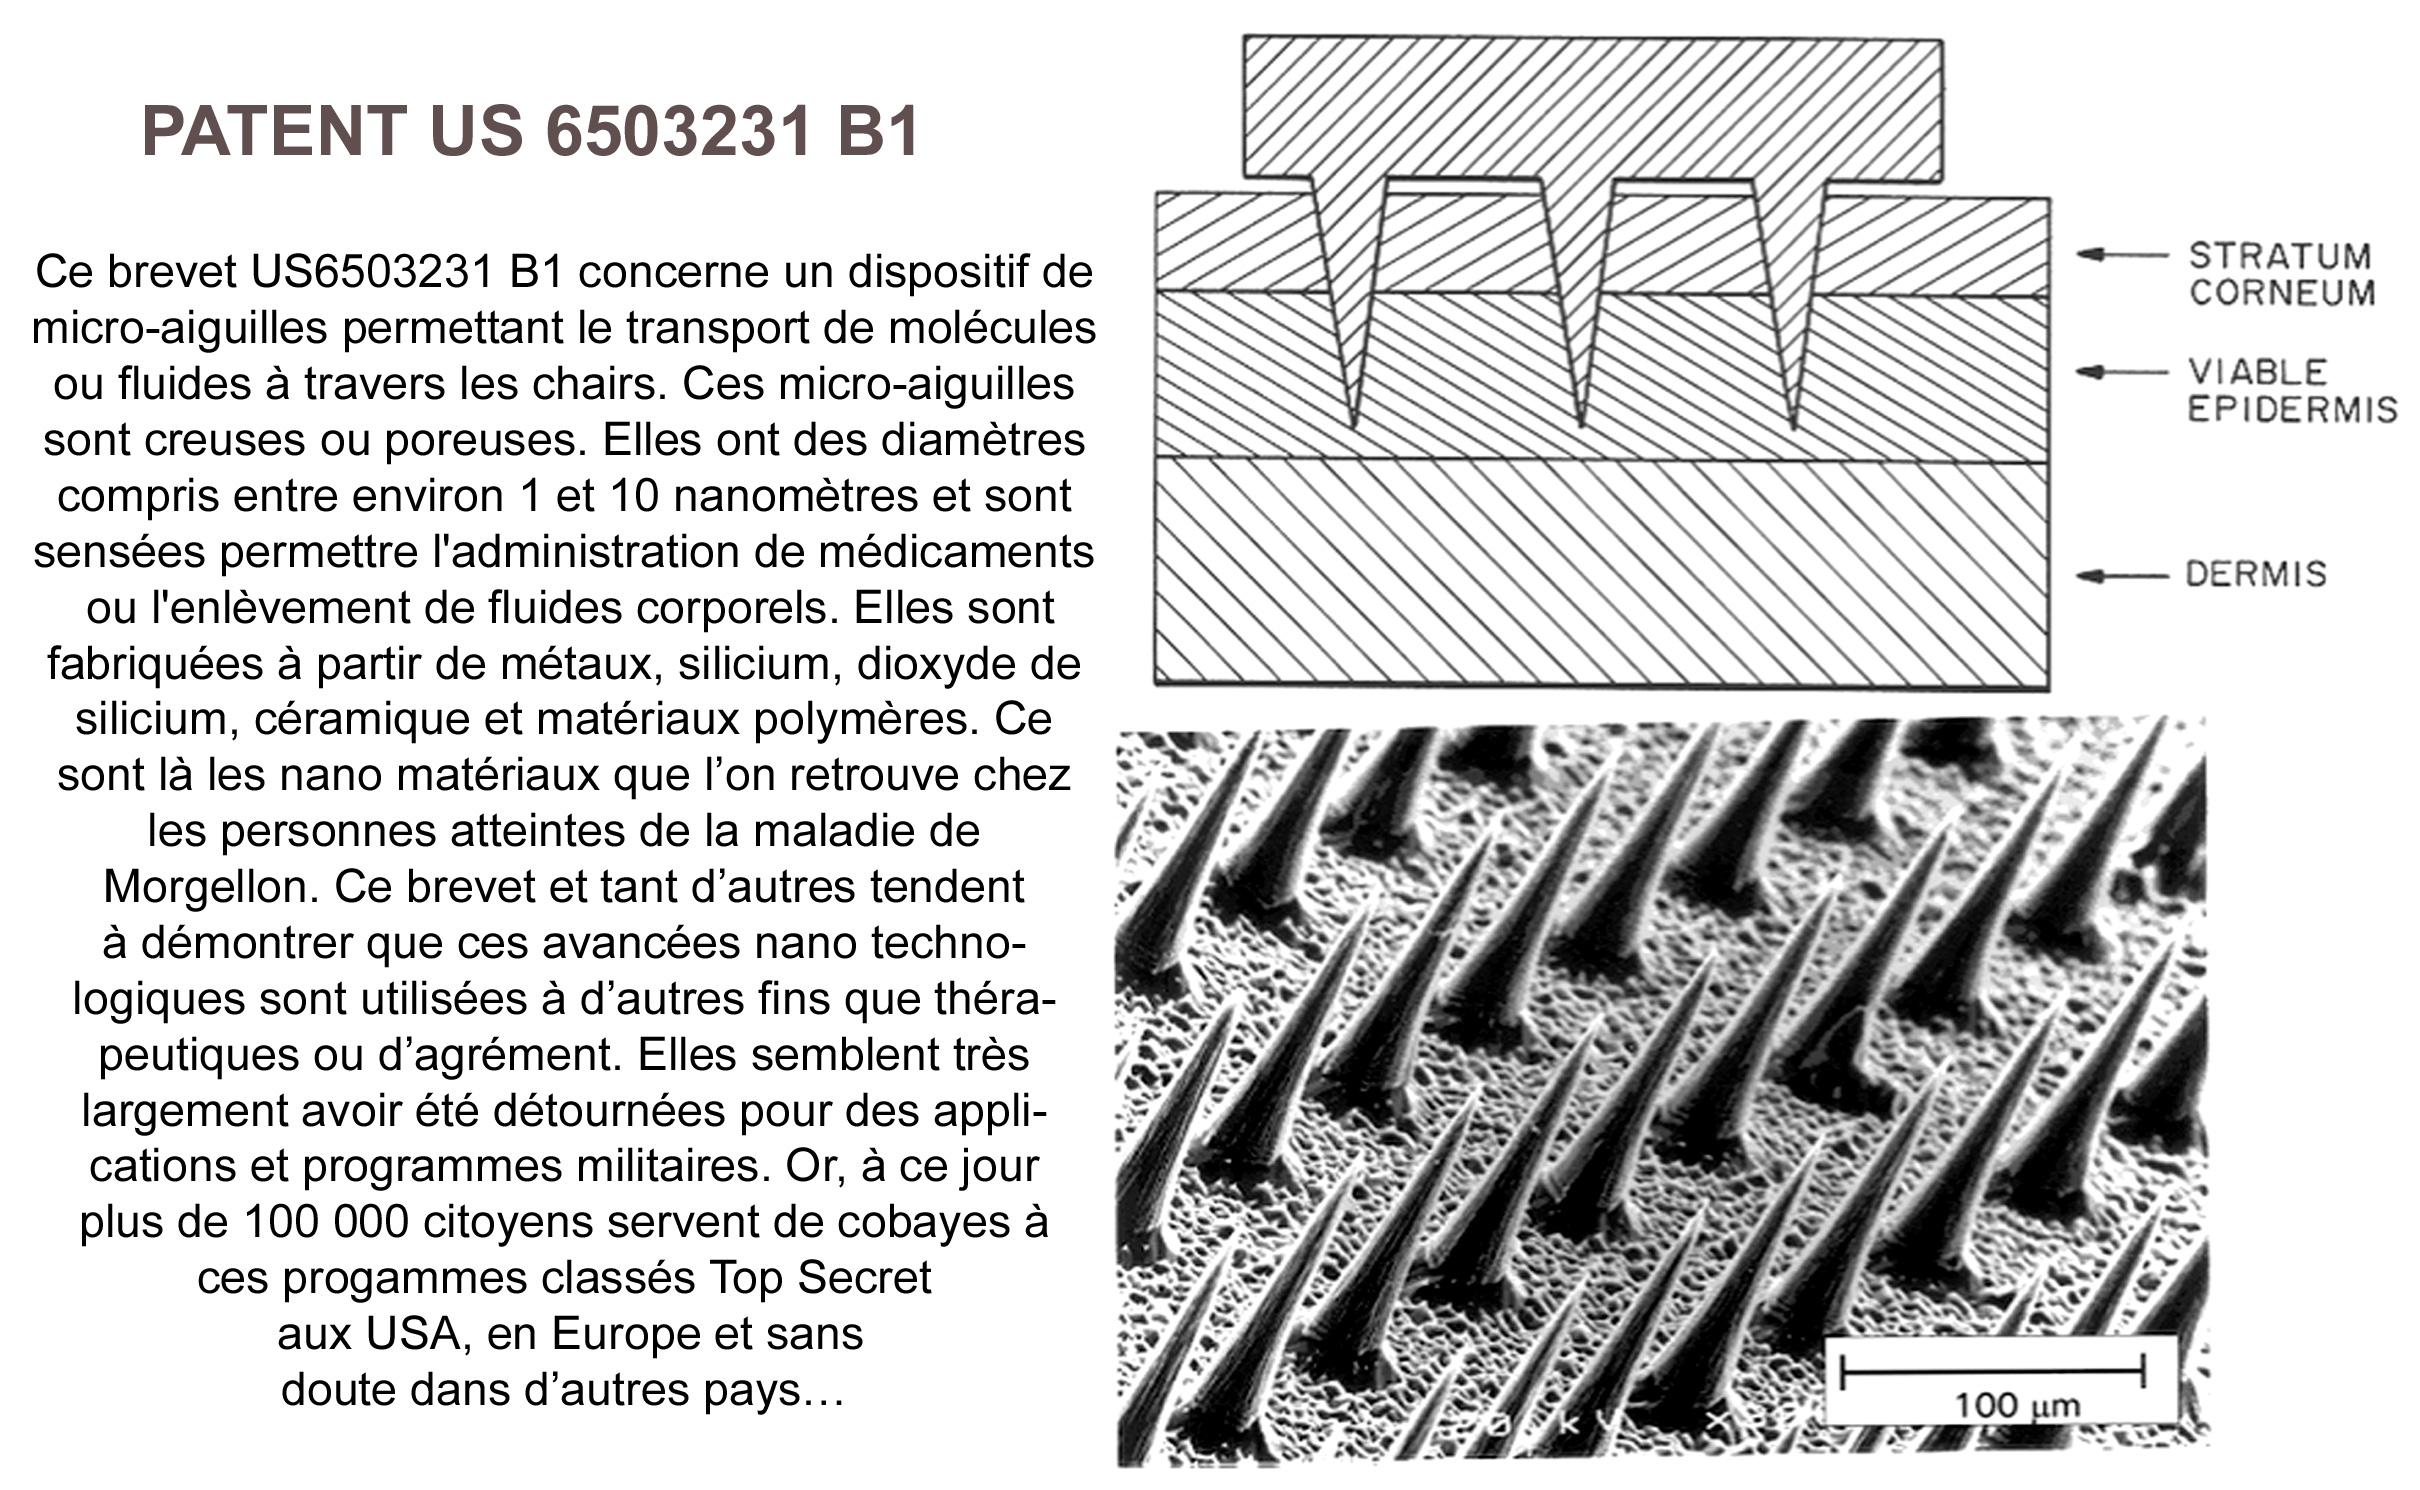 patentschema.jpg